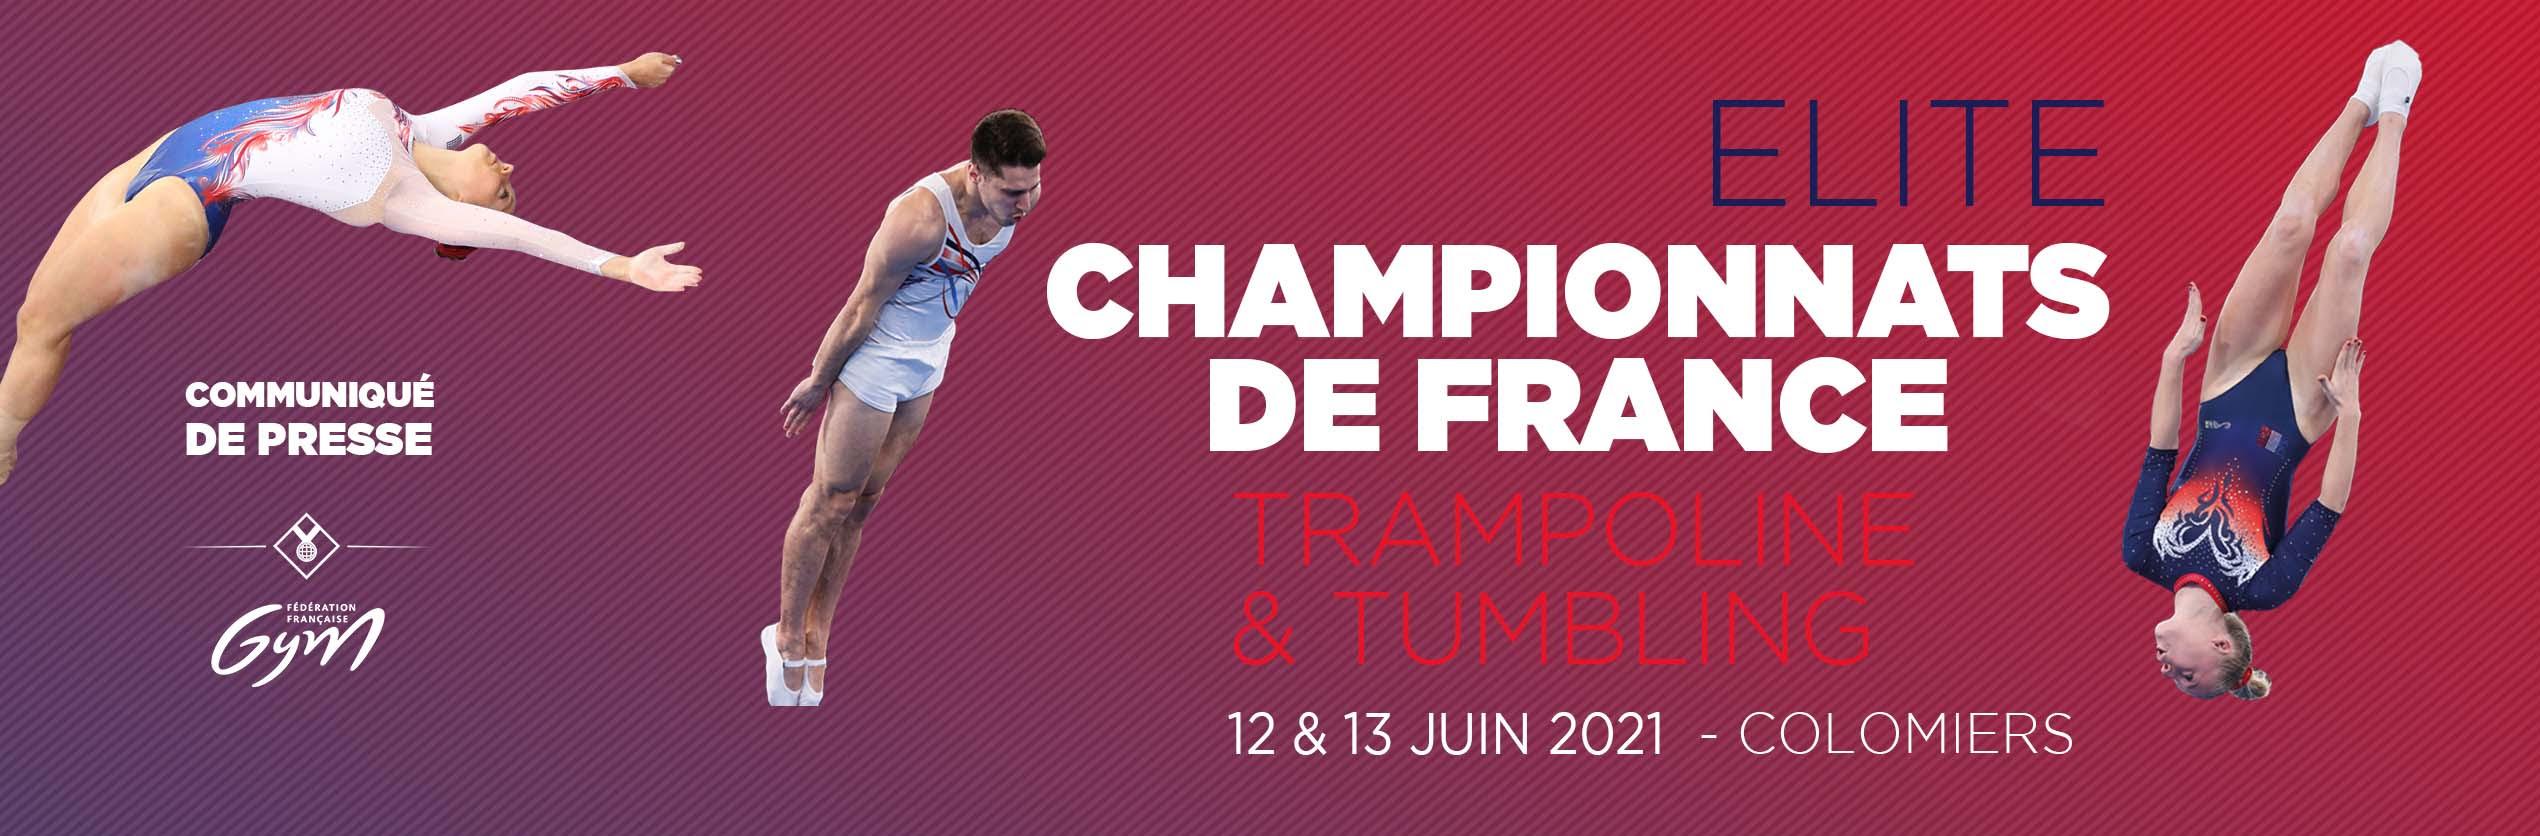 APPEL AUX BENEVOLES - CHAMPIONNATS DE FRANCE ELITE TR TU à COLOMIERS -